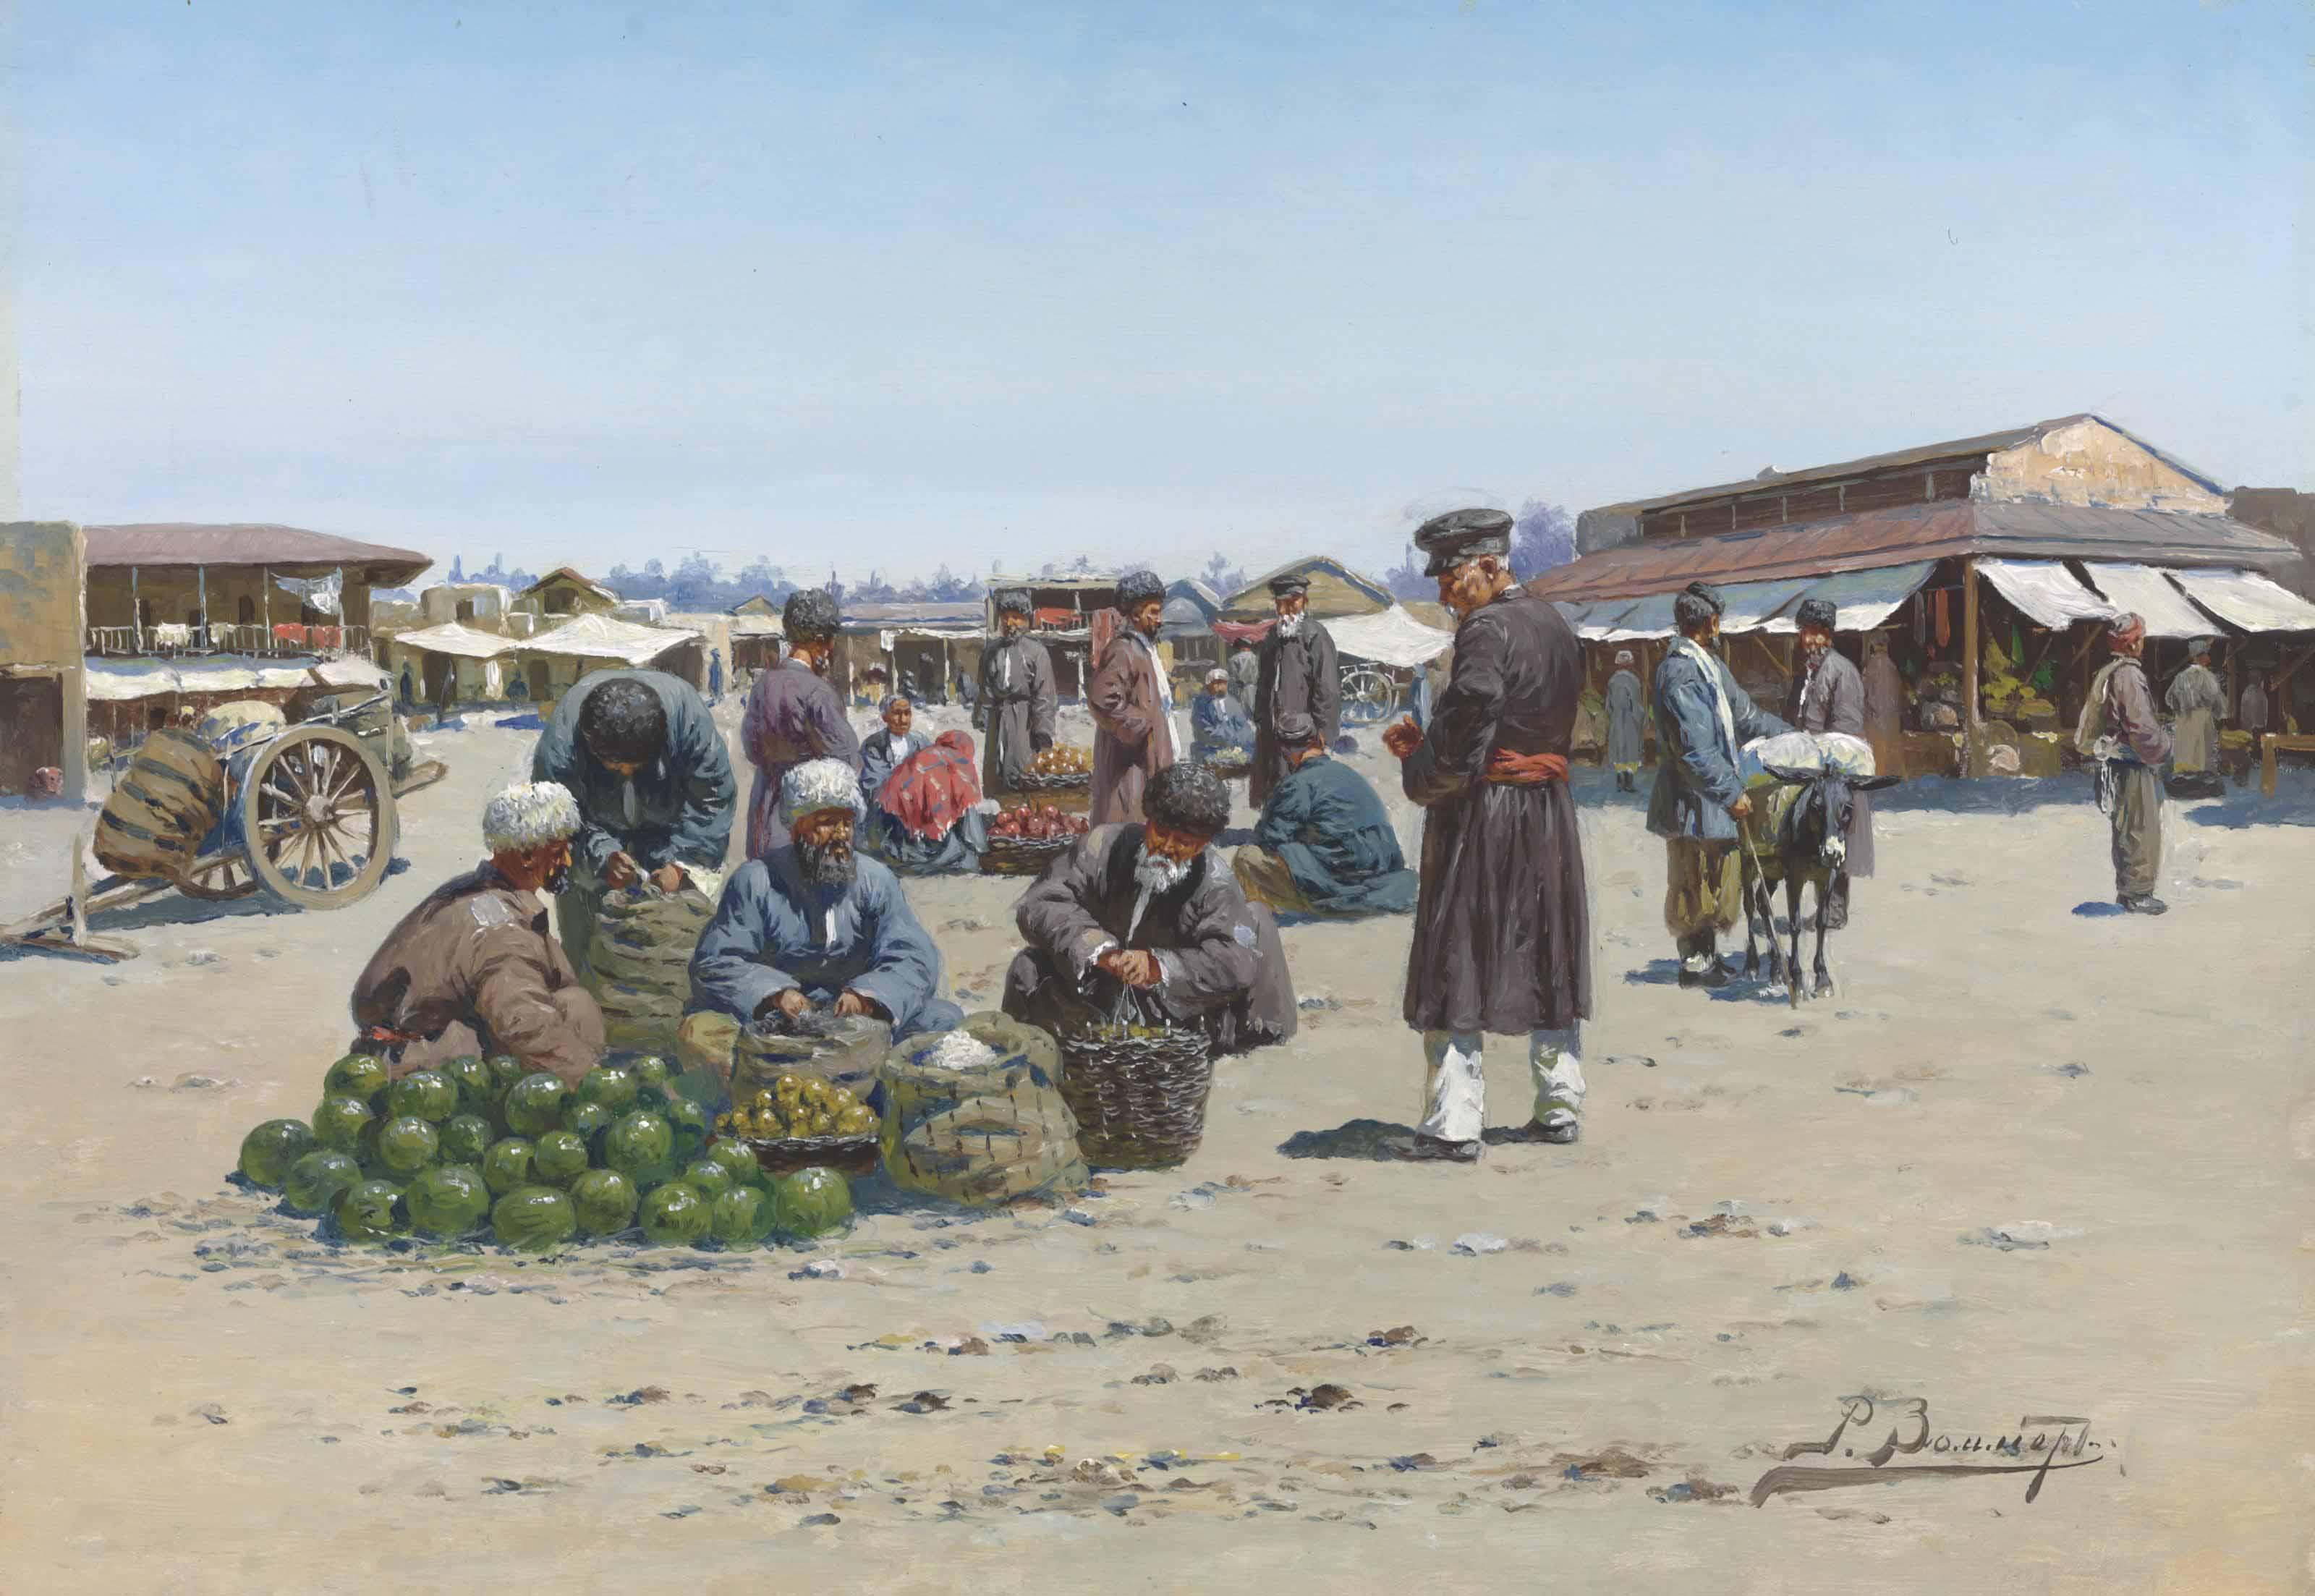 A bazaar in Dagestan